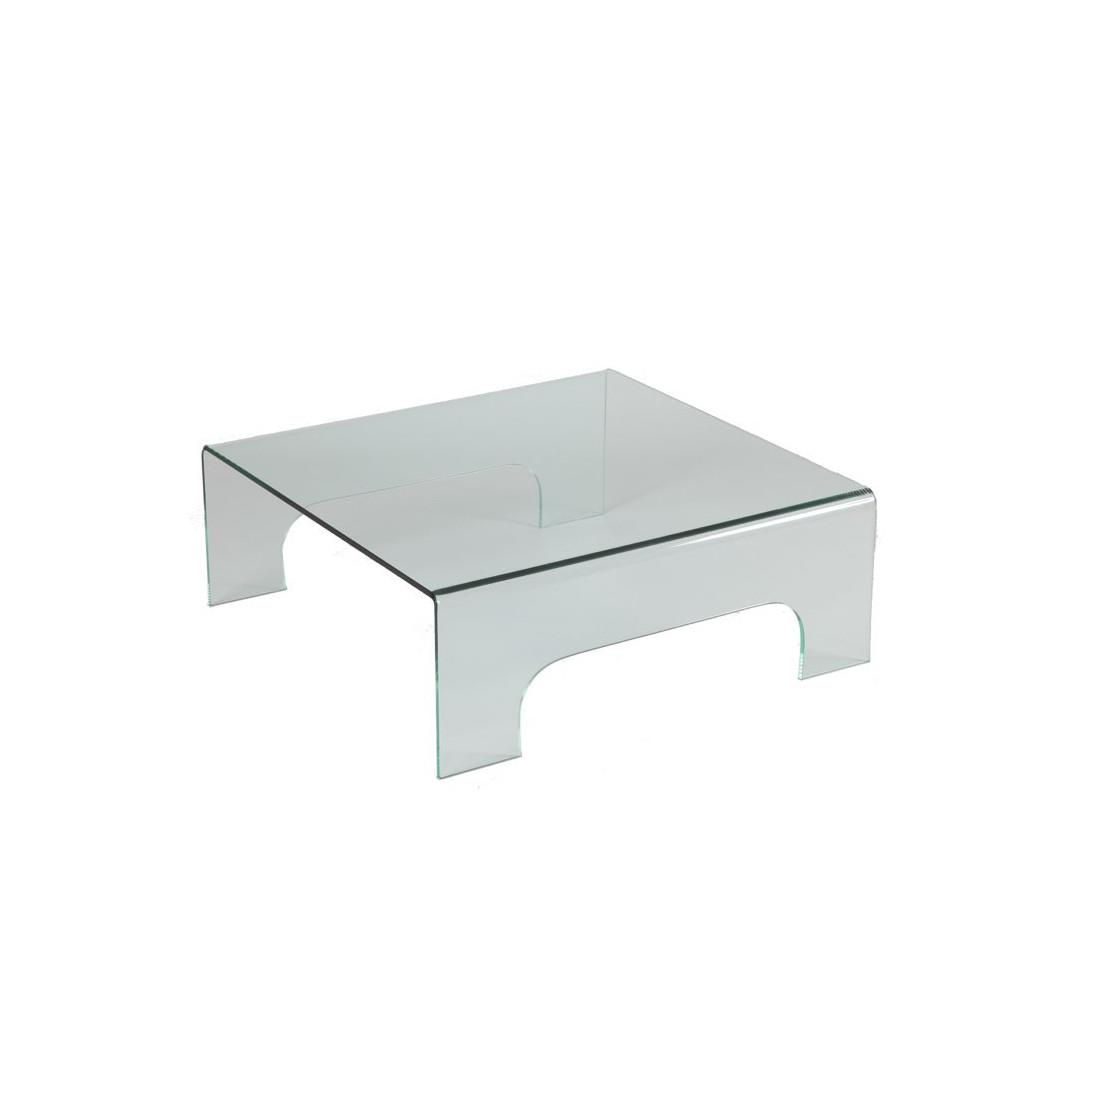 table basse carr e en verre clean univers salon tousmesmeubles. Black Bedroom Furniture Sets. Home Design Ideas